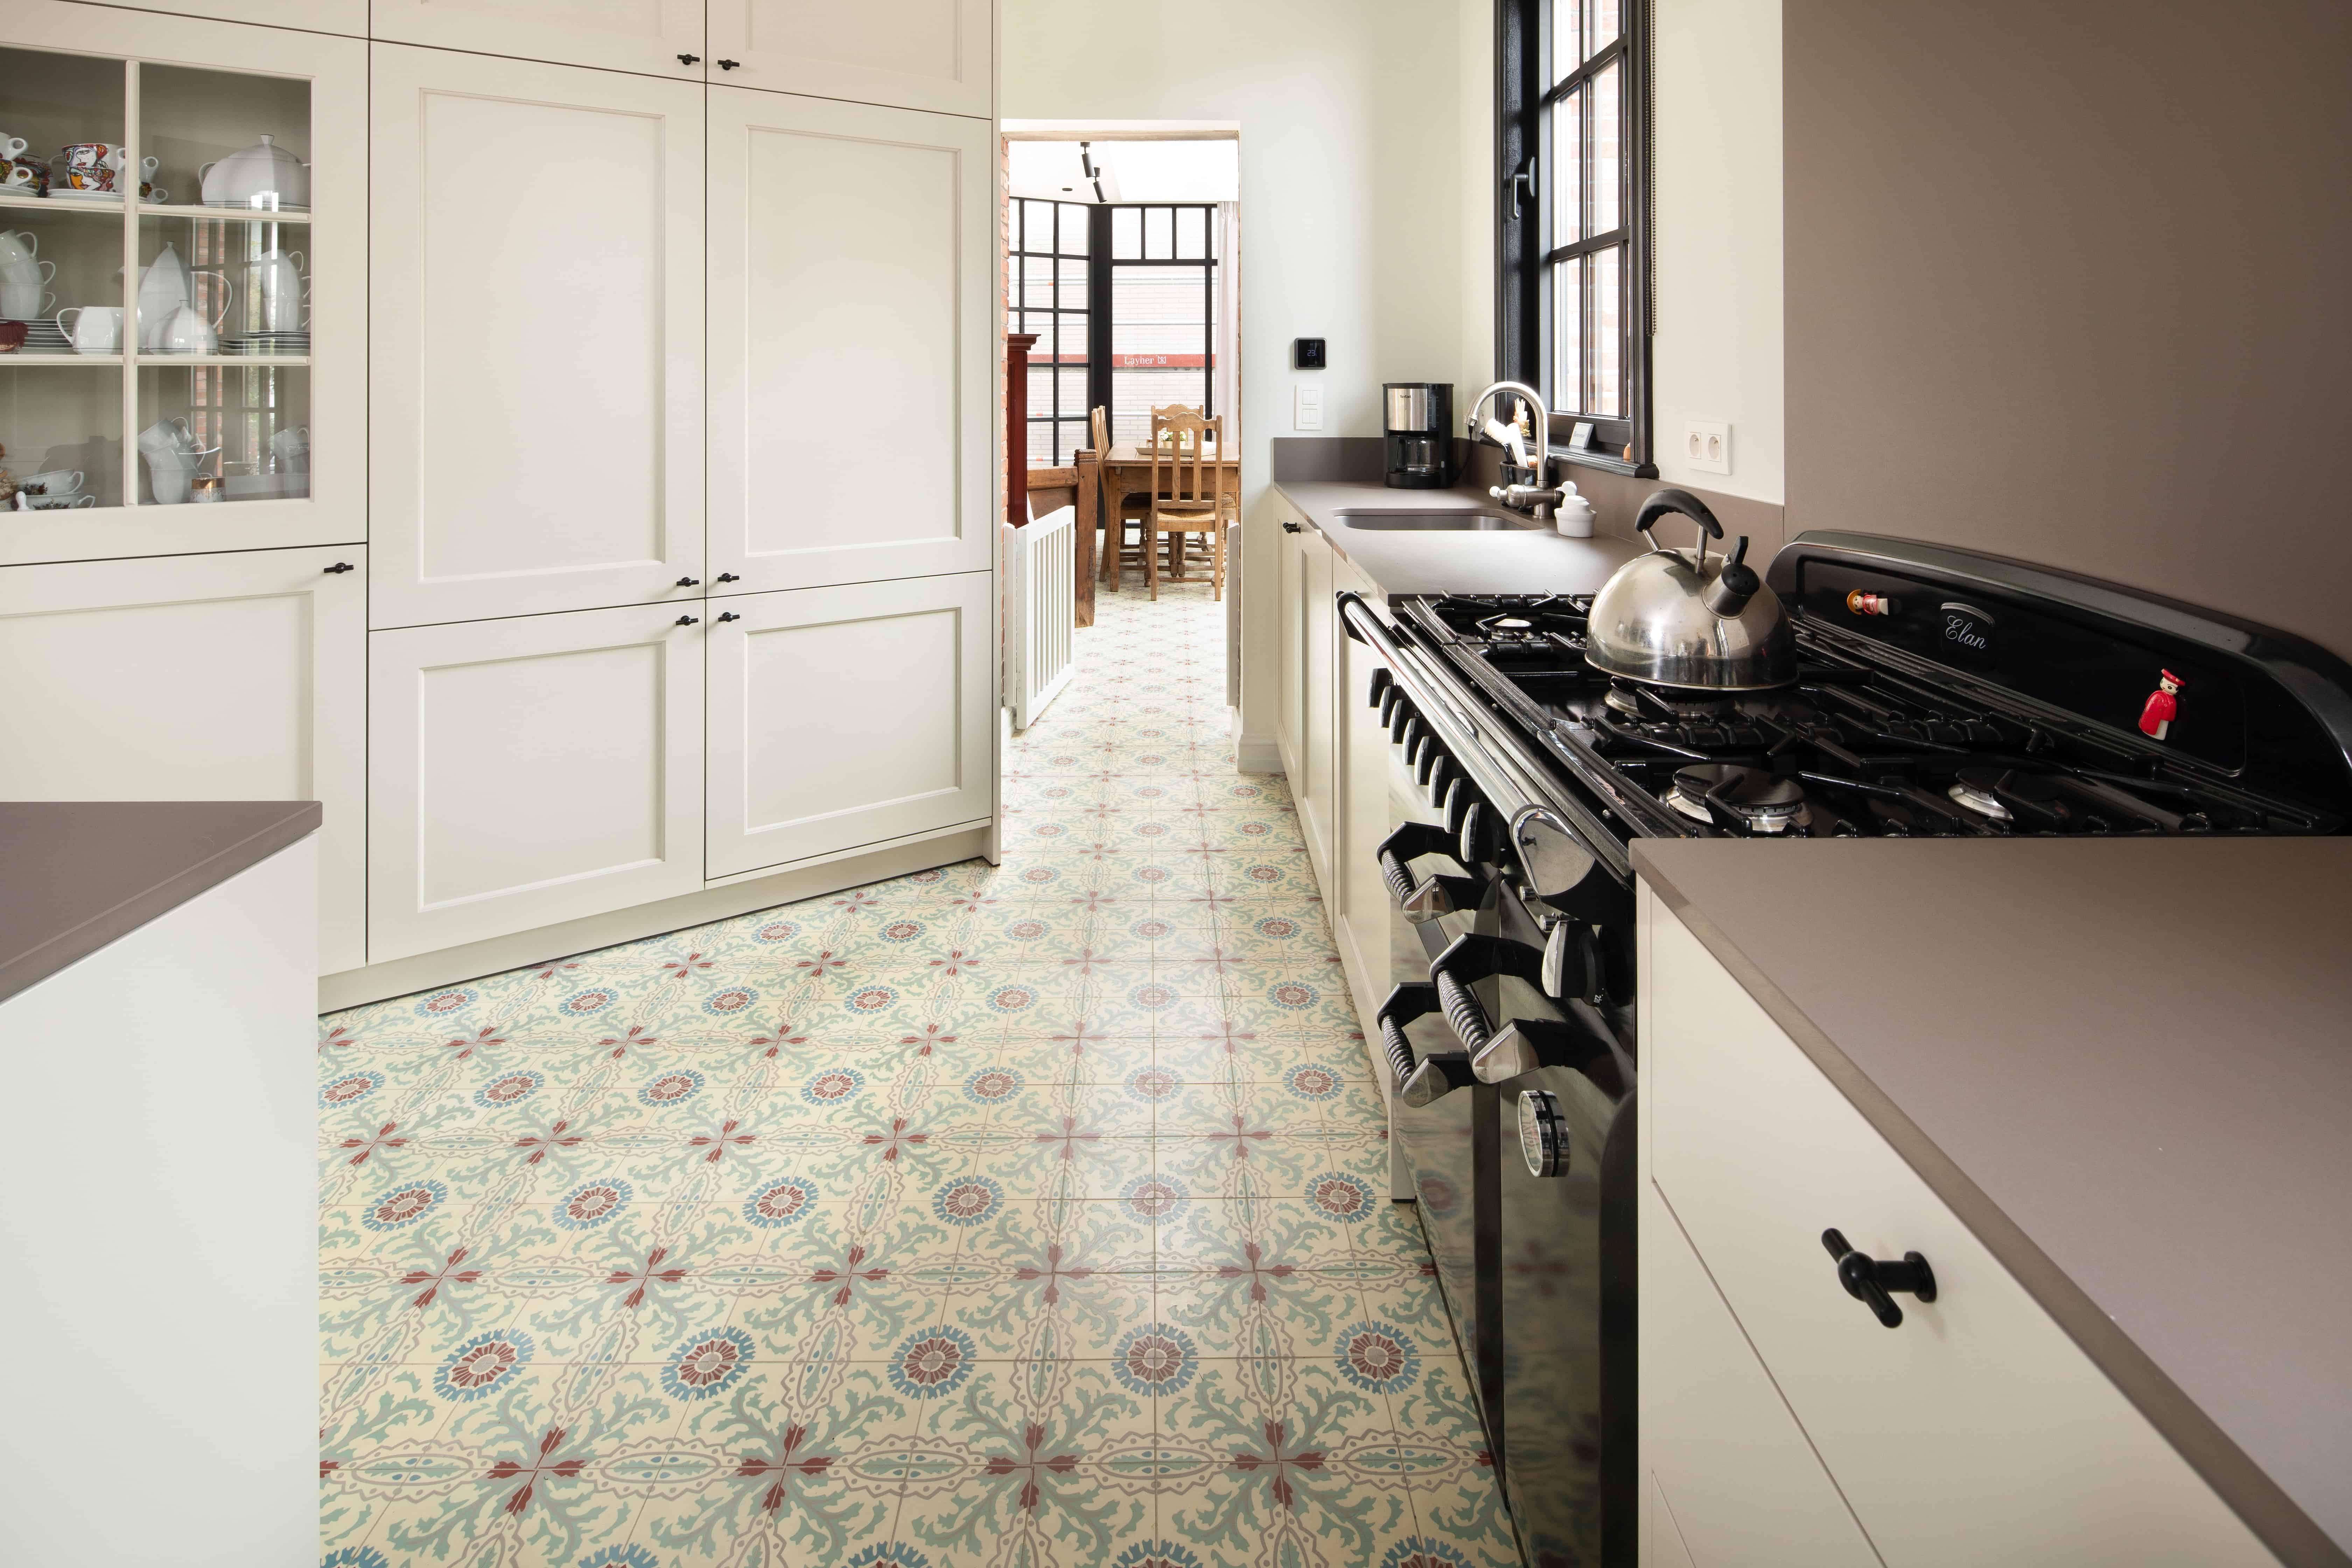 Tegels met retro motief in keuken - kleine tegels authentiek in keuken - Brugge